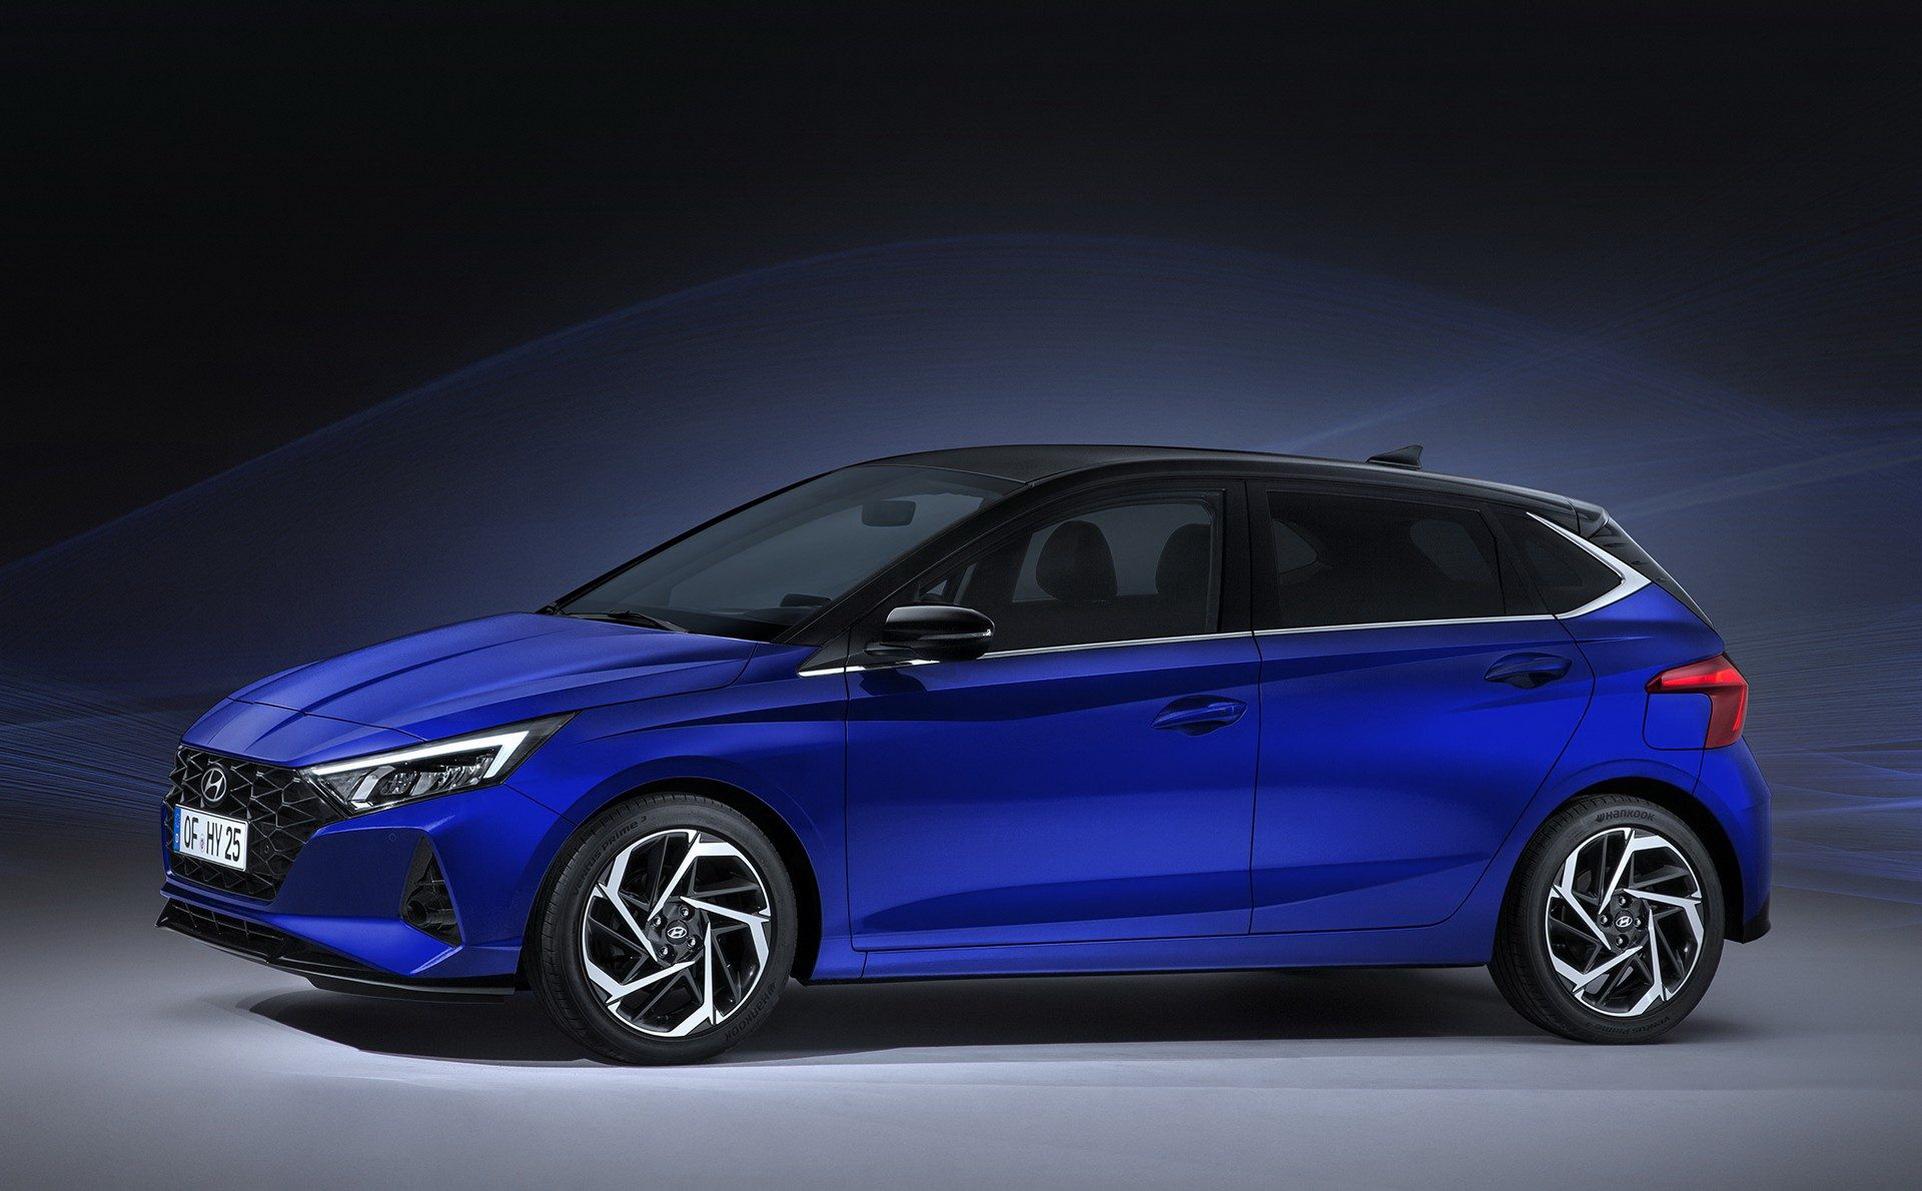 Hyundai_i20_leaked_0002